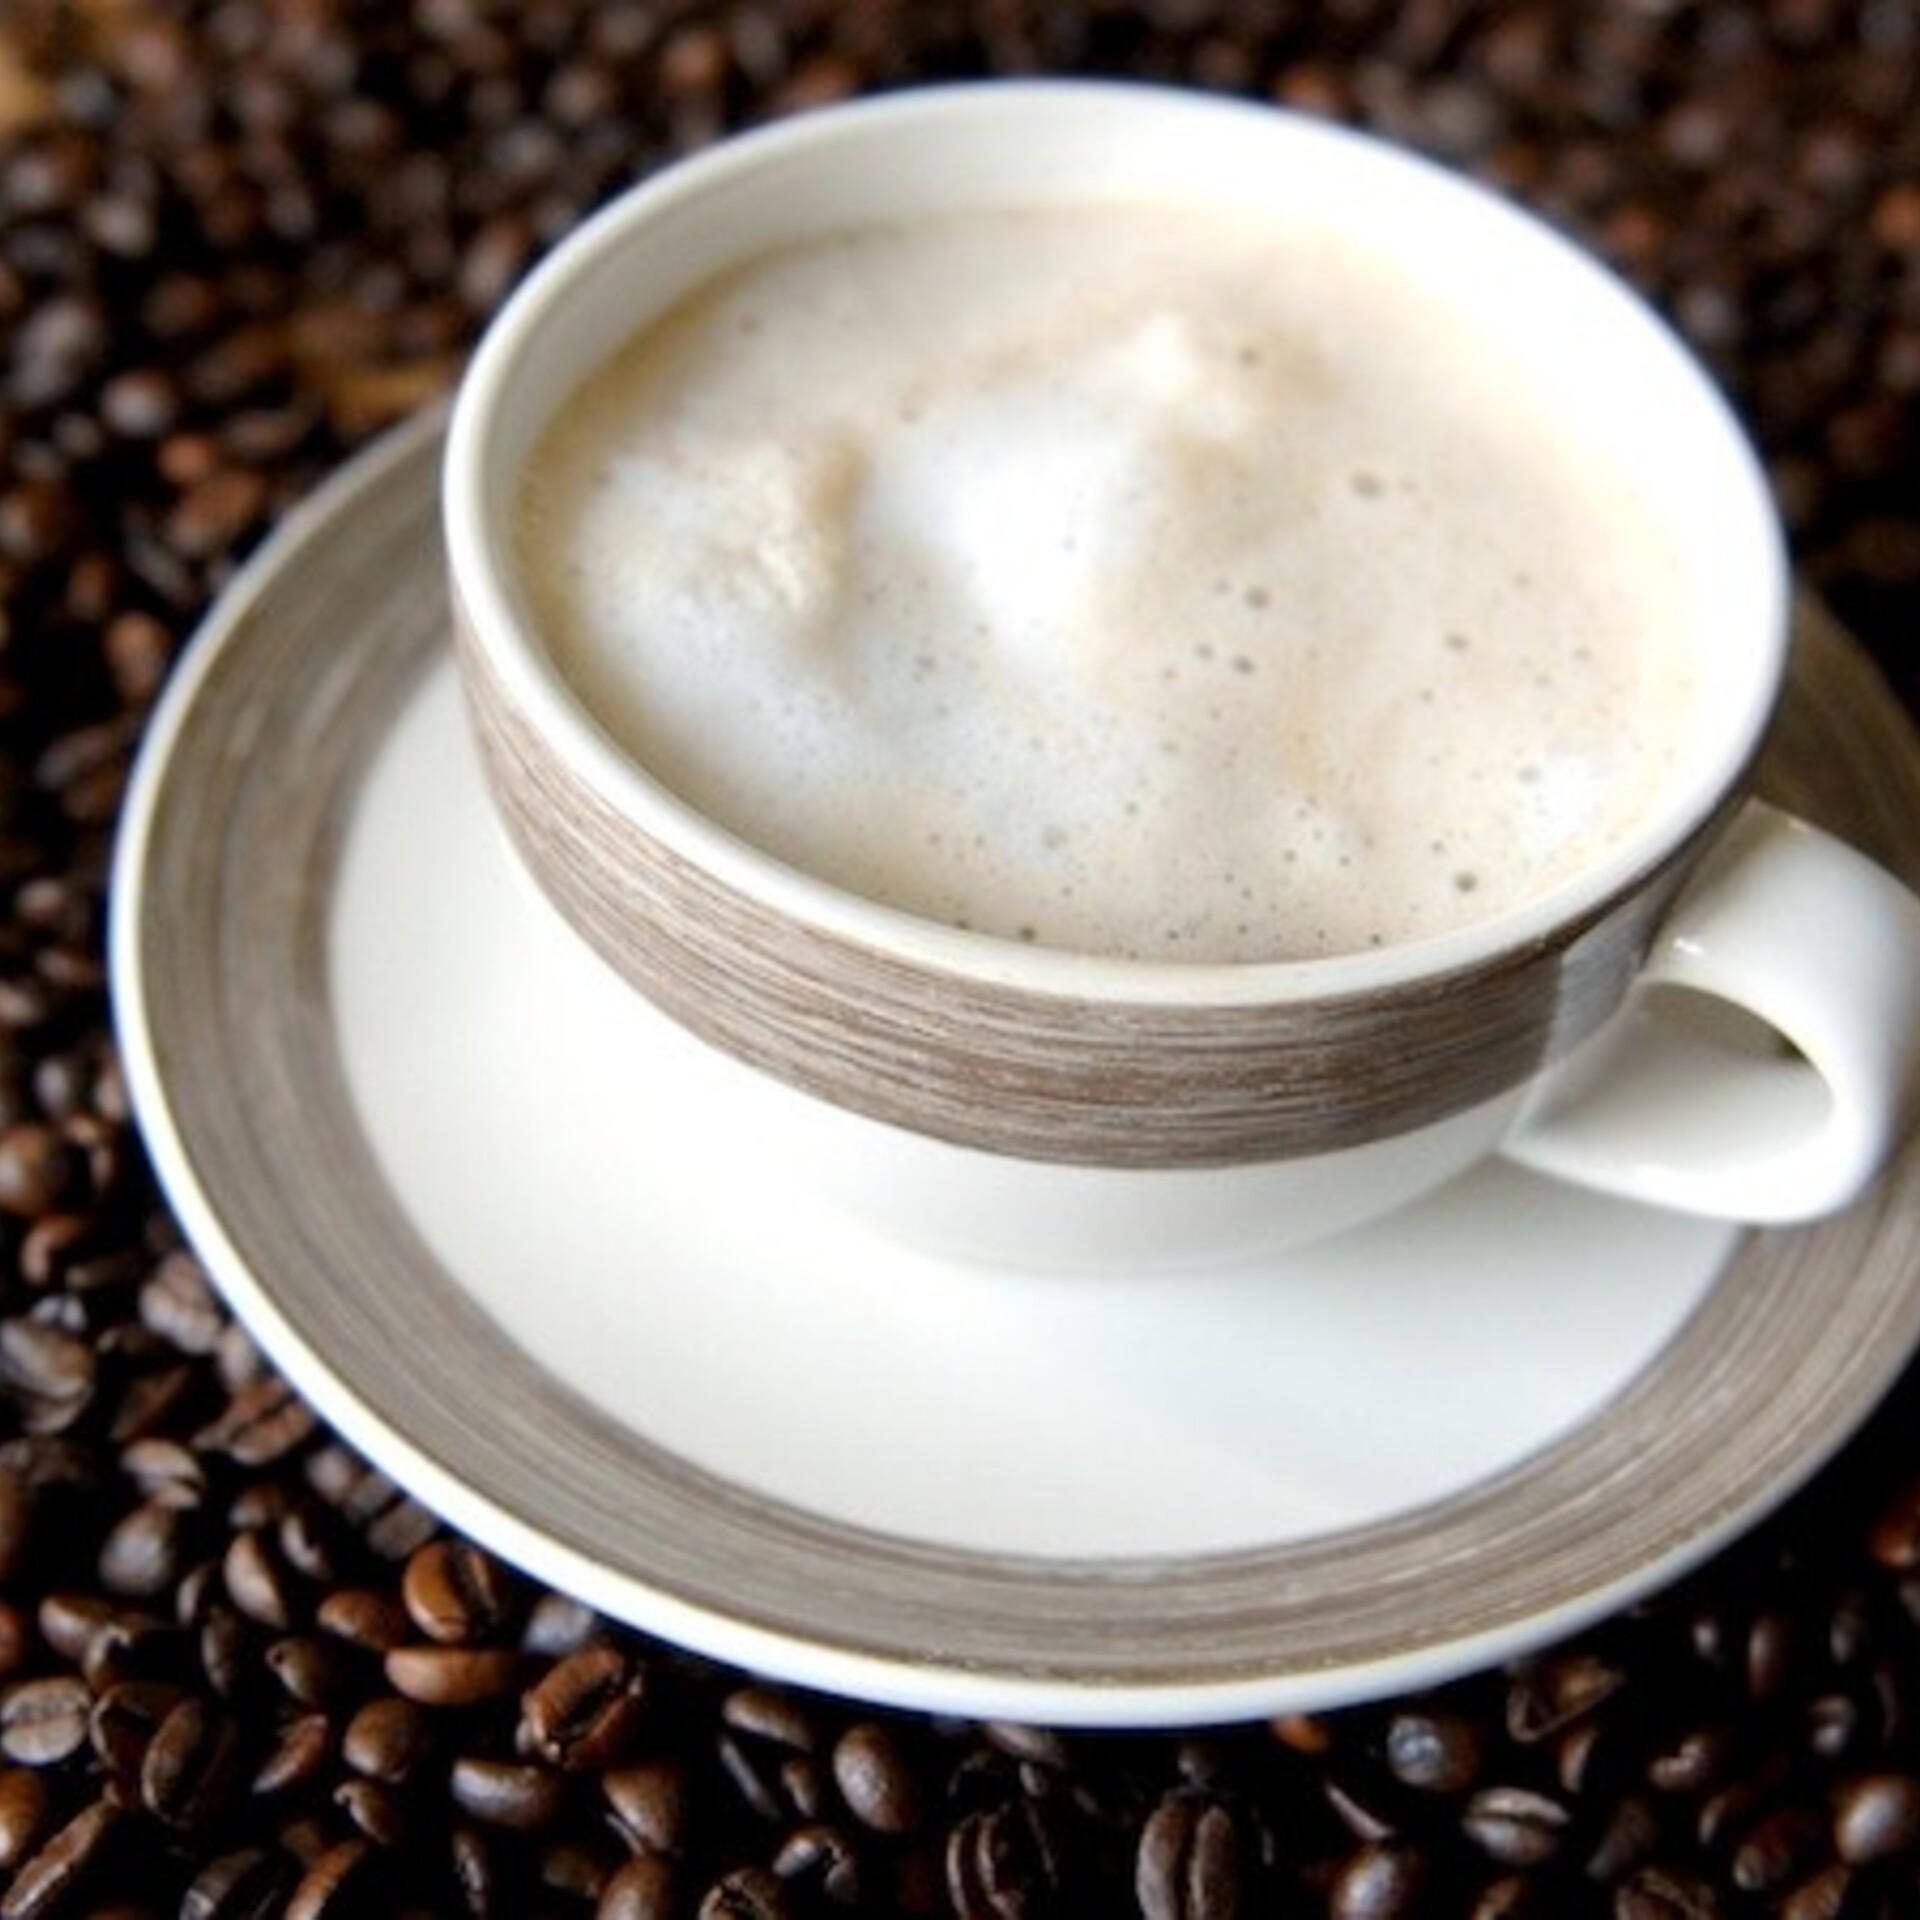 88b4b2e4896 Hea kohvi valmistamise reeglid | Arhiiv | ERR